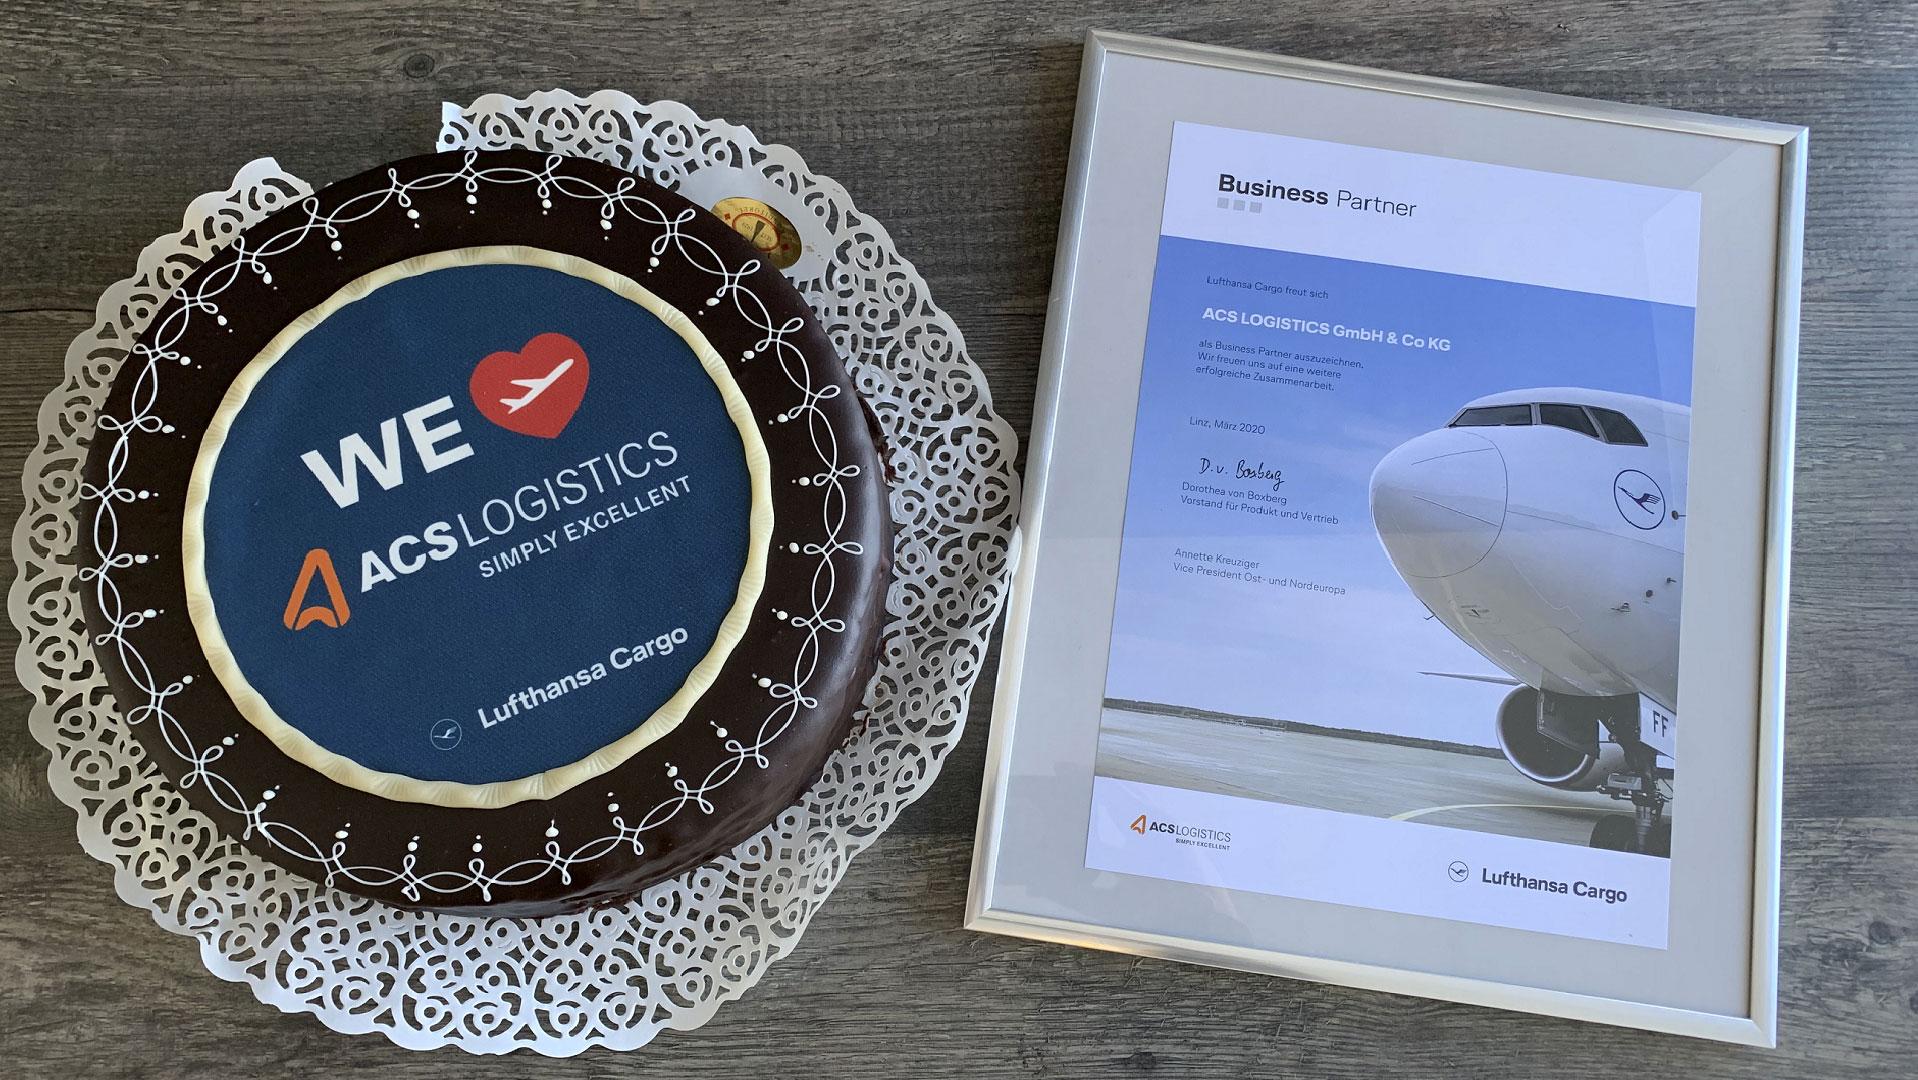 Cake with Lufthansa Cargo logo and ACS Logistics logo